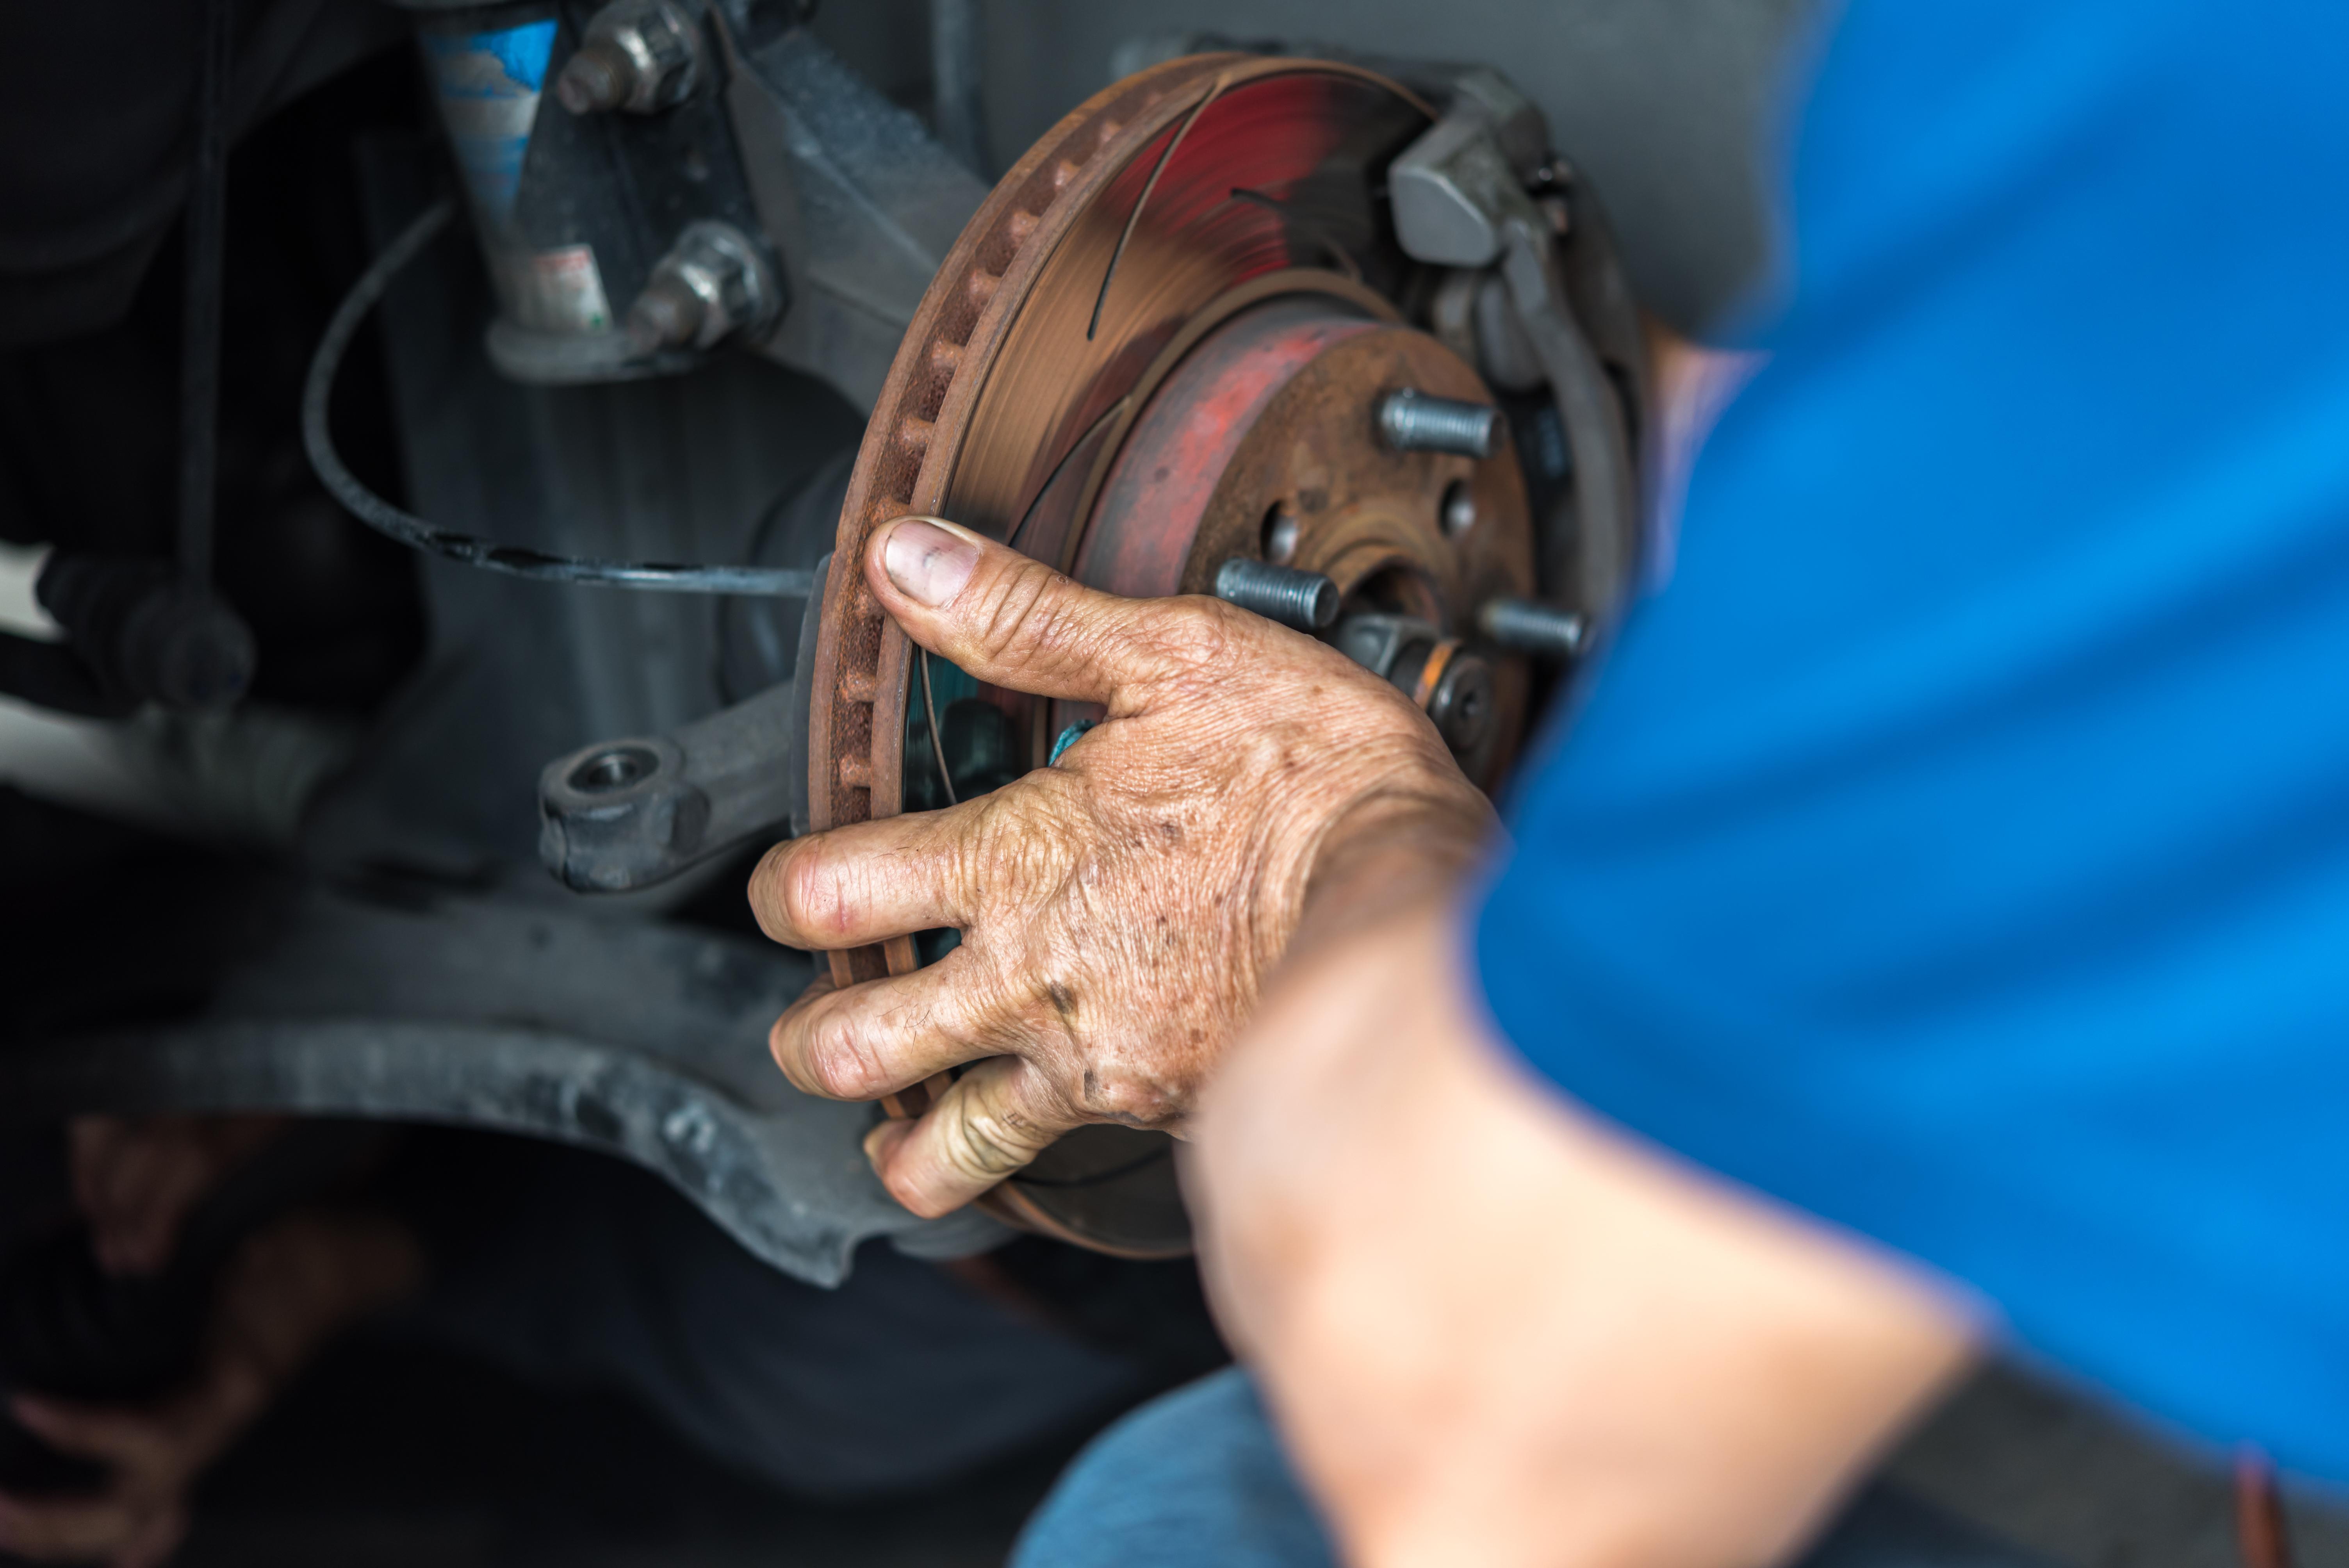 Trabajadores de la industria automotriz se exponen al asbesto al manipular las pastillas para frenos.